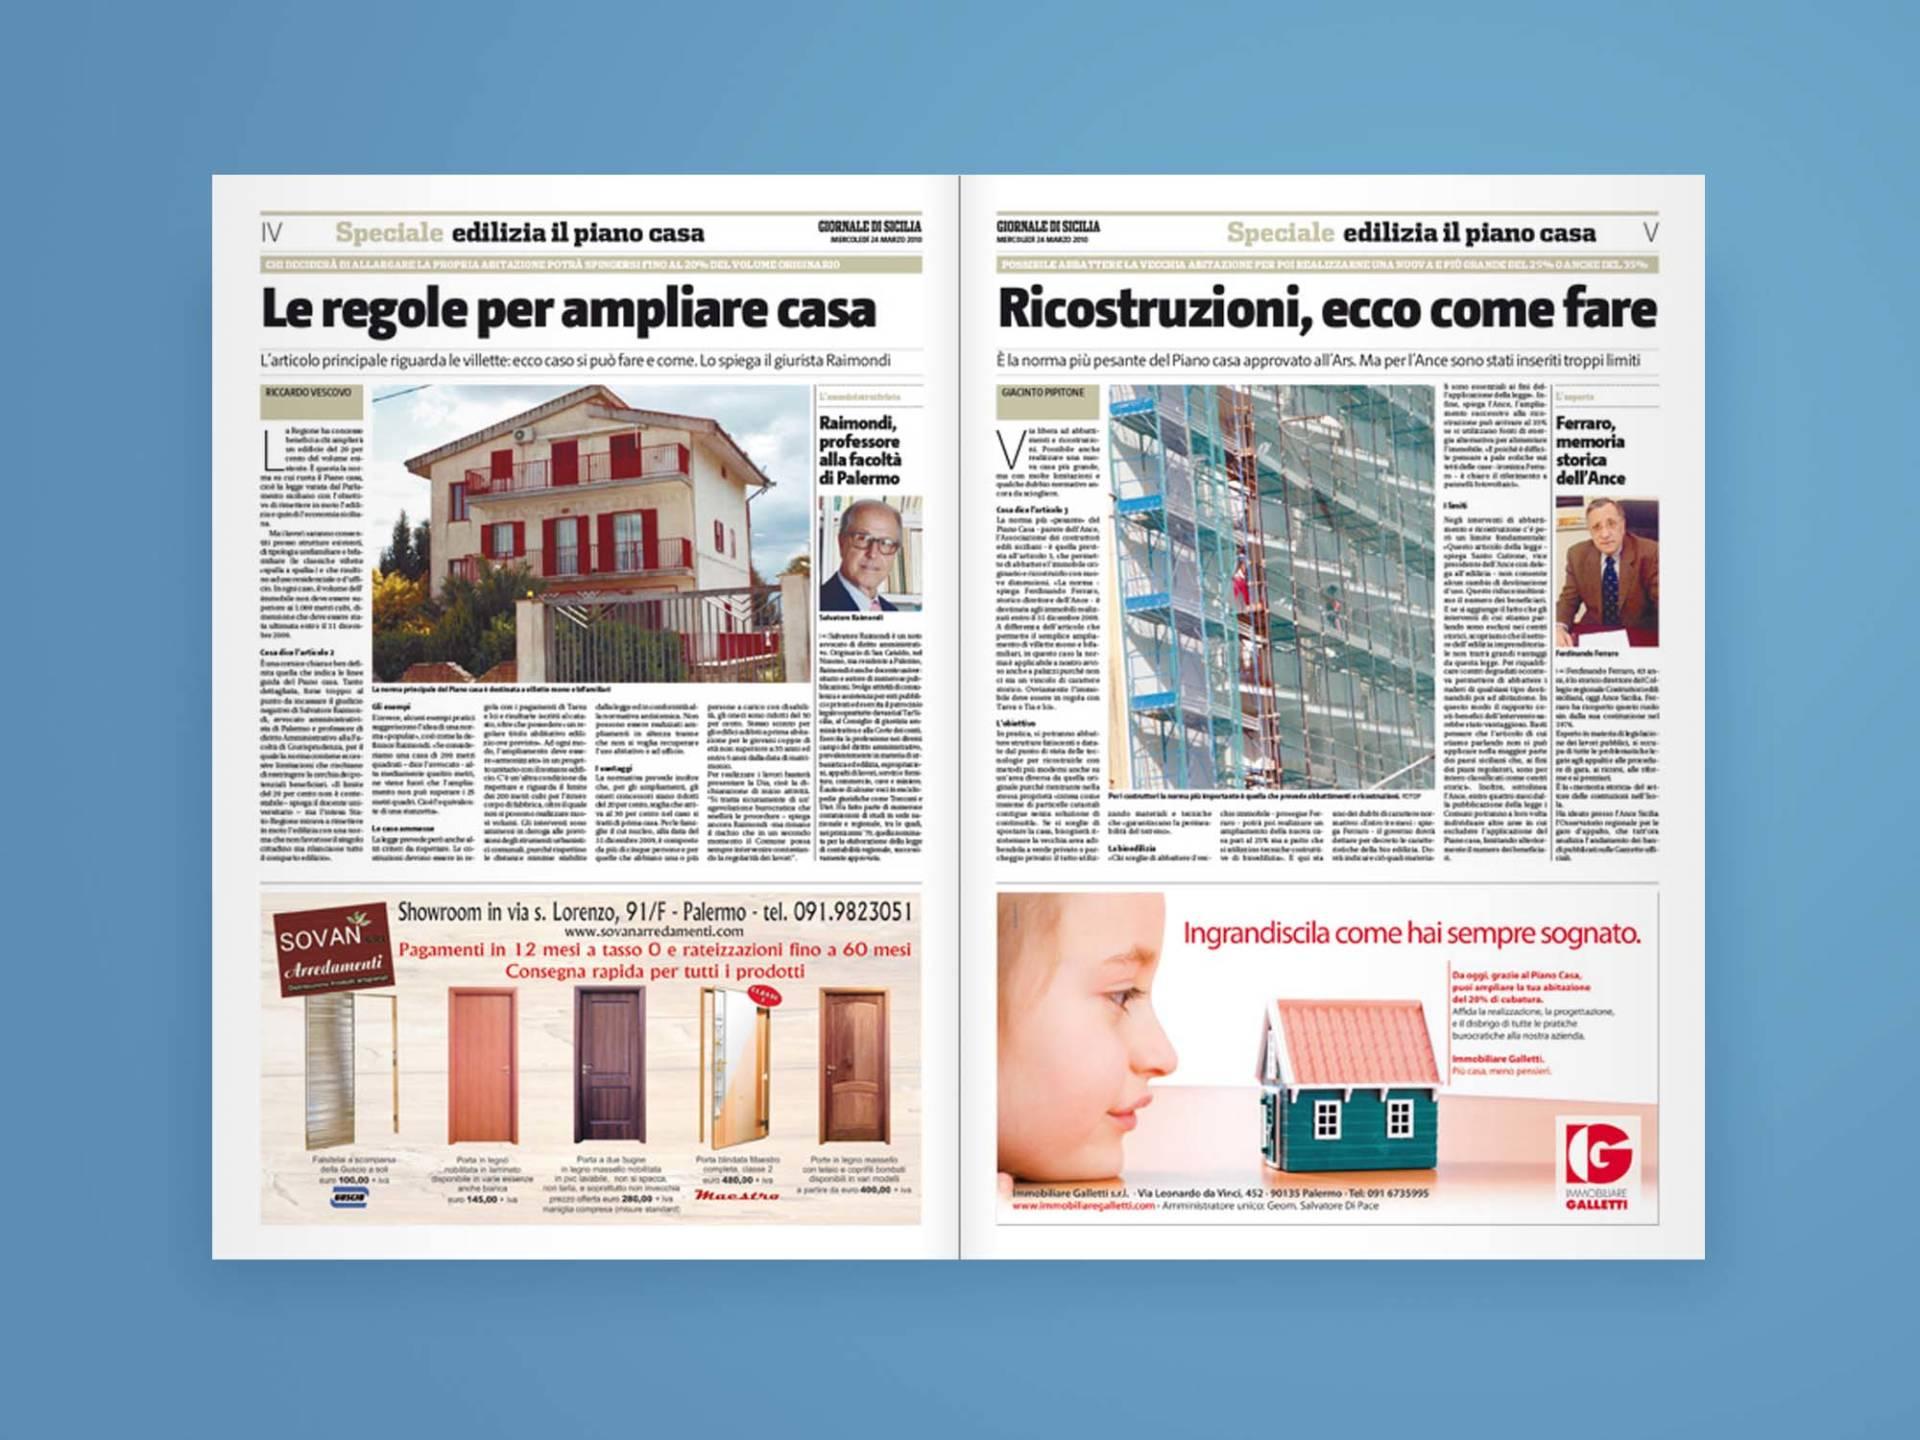 Giornale_di_Sicilia_Supplementi_04_Wenceslau_News_Design